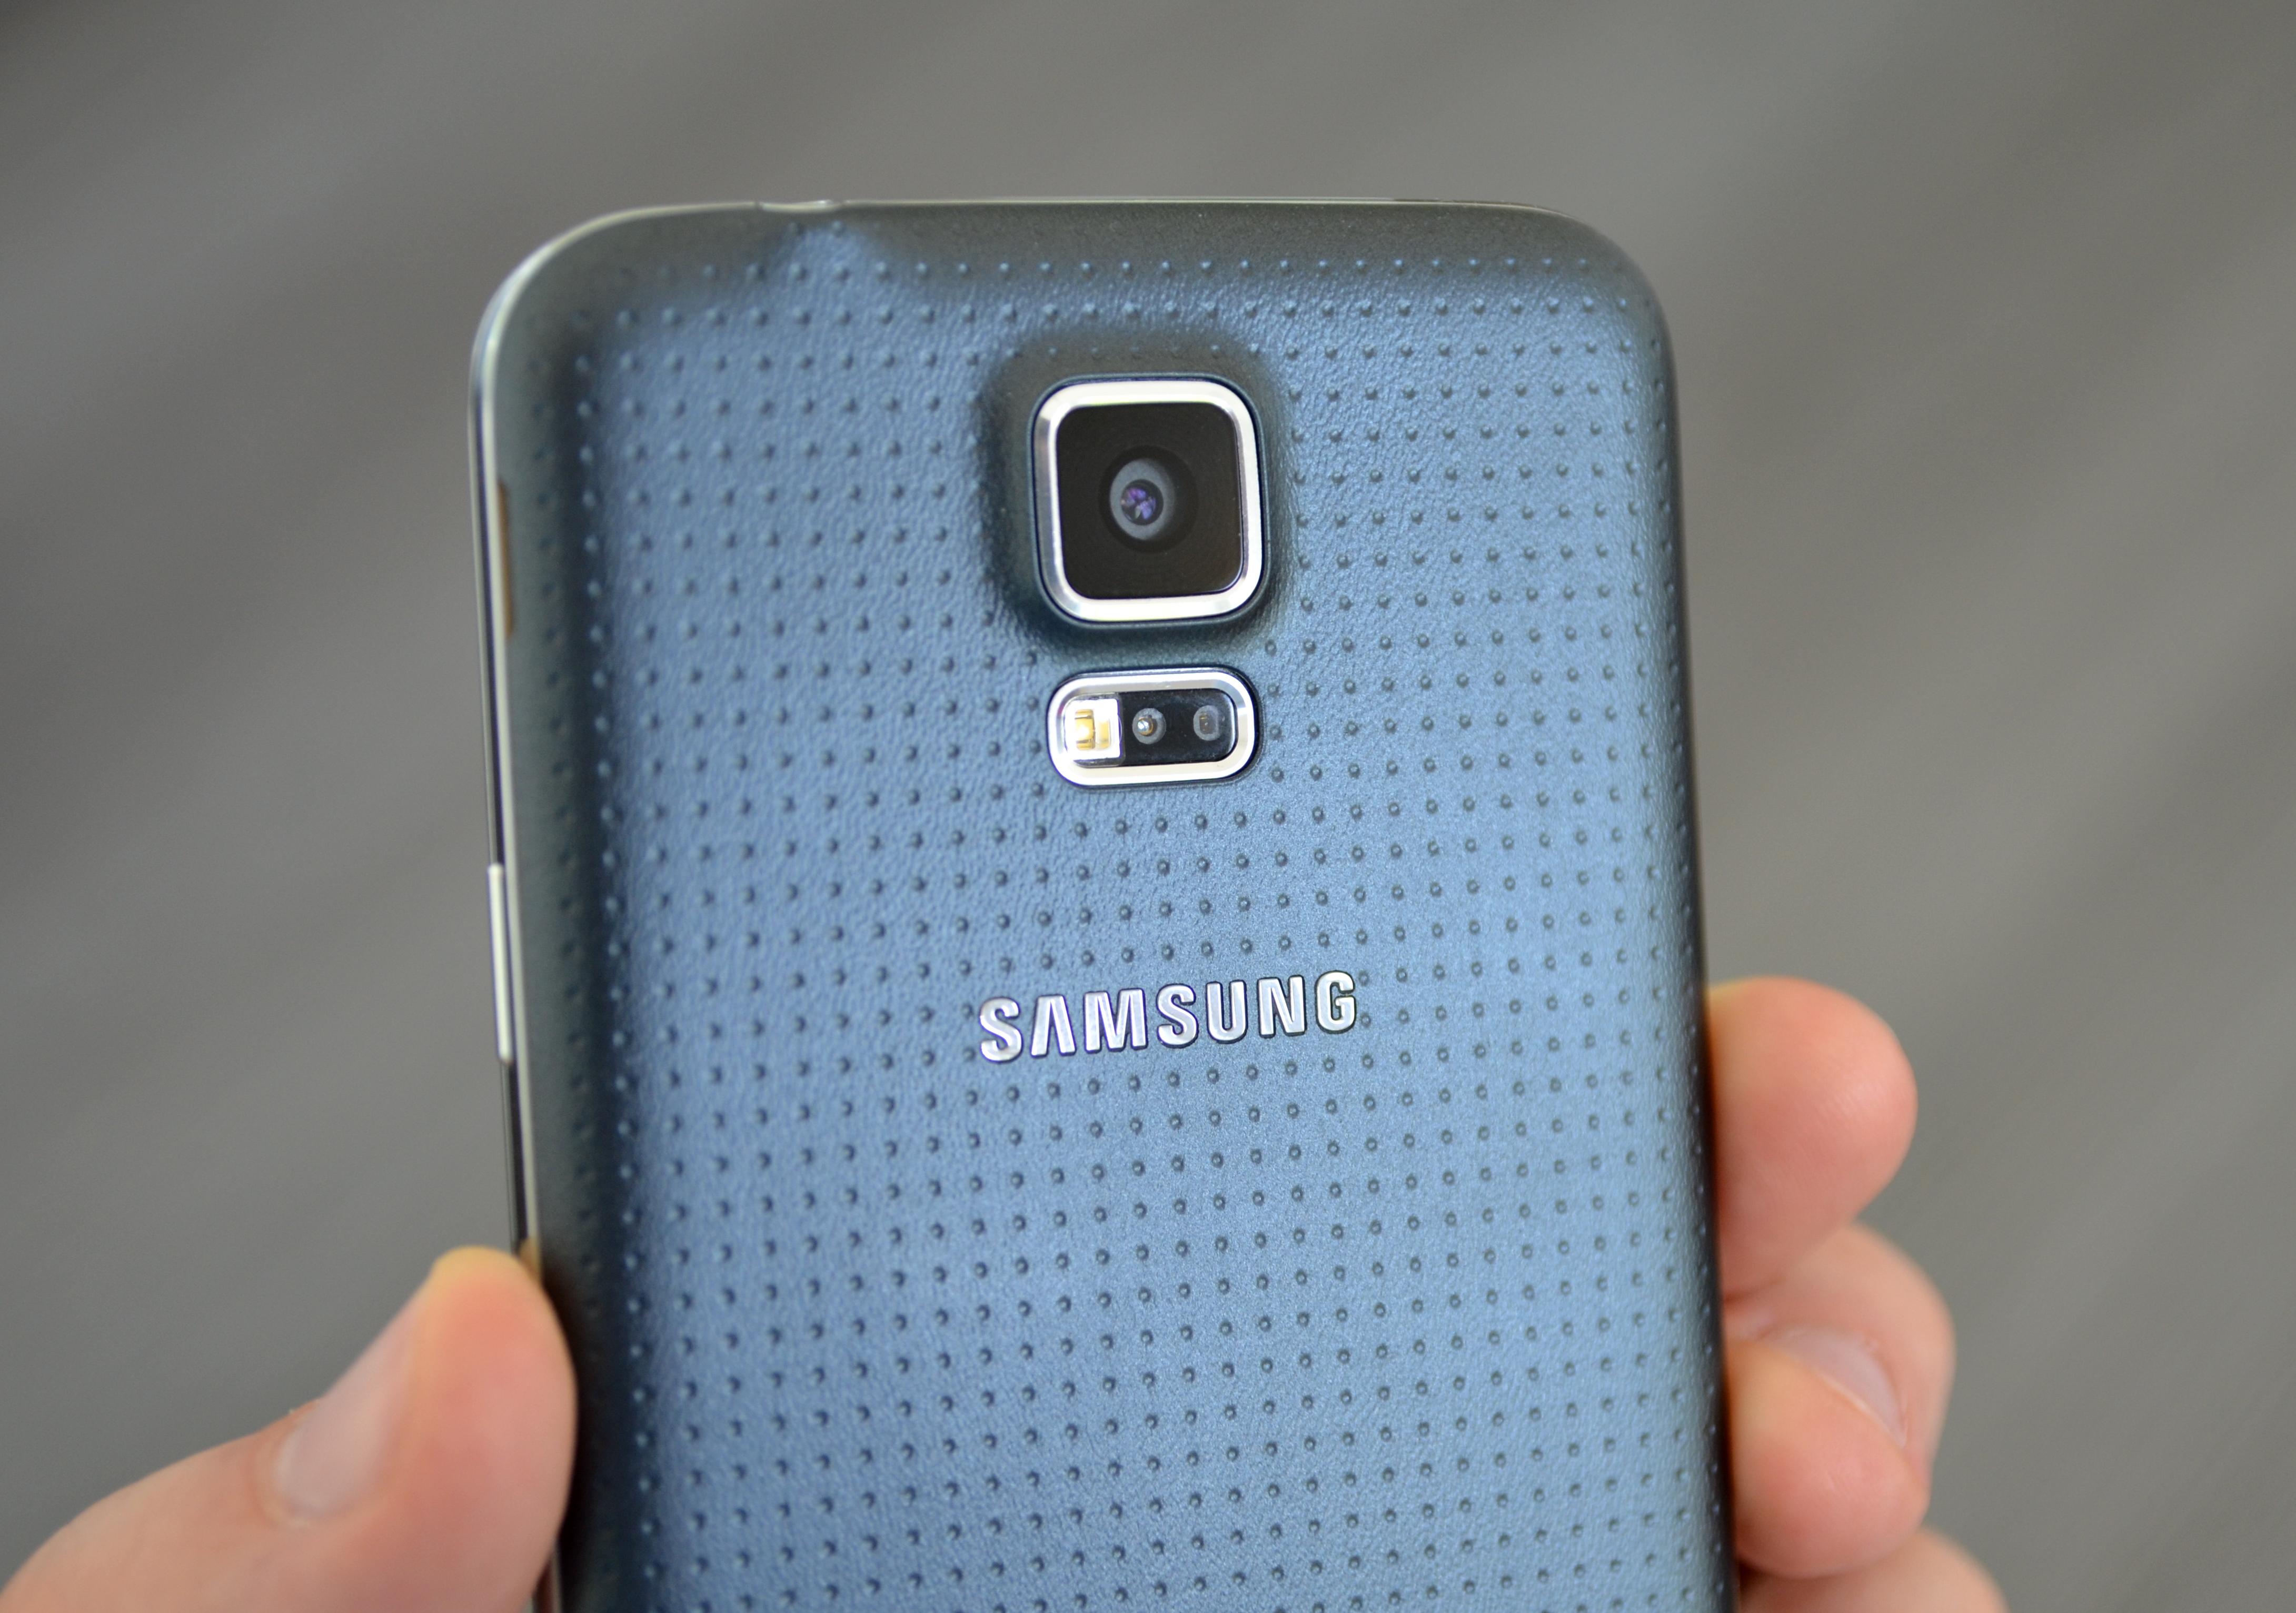 Samsung Galaxy S6 Mini Spezifikationen Gesichtet Mit Snapdragon